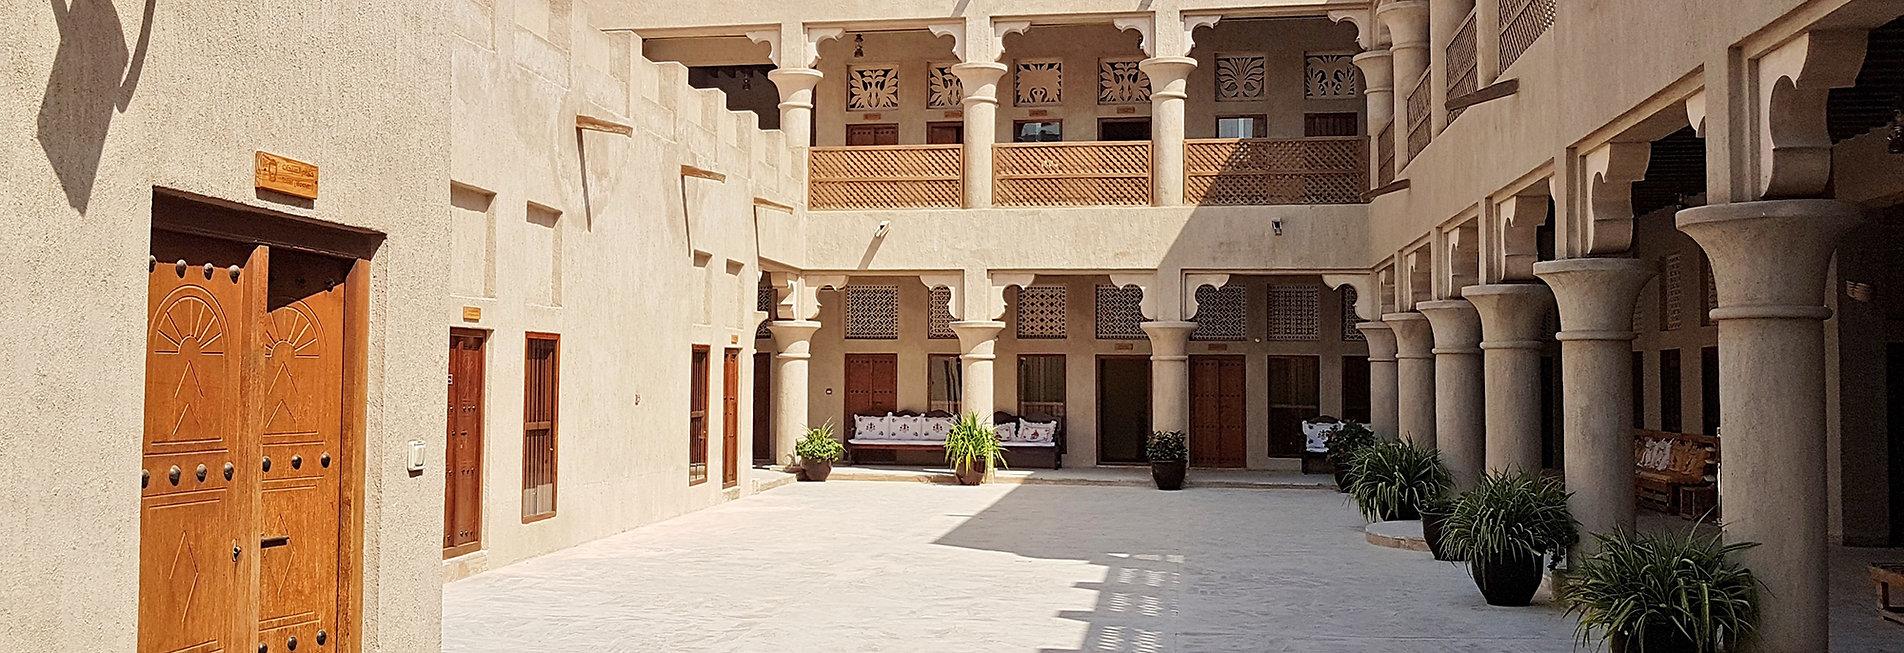 Al Ain, Al Ajn, Abu Dhabi, Spojené arabské emiráty